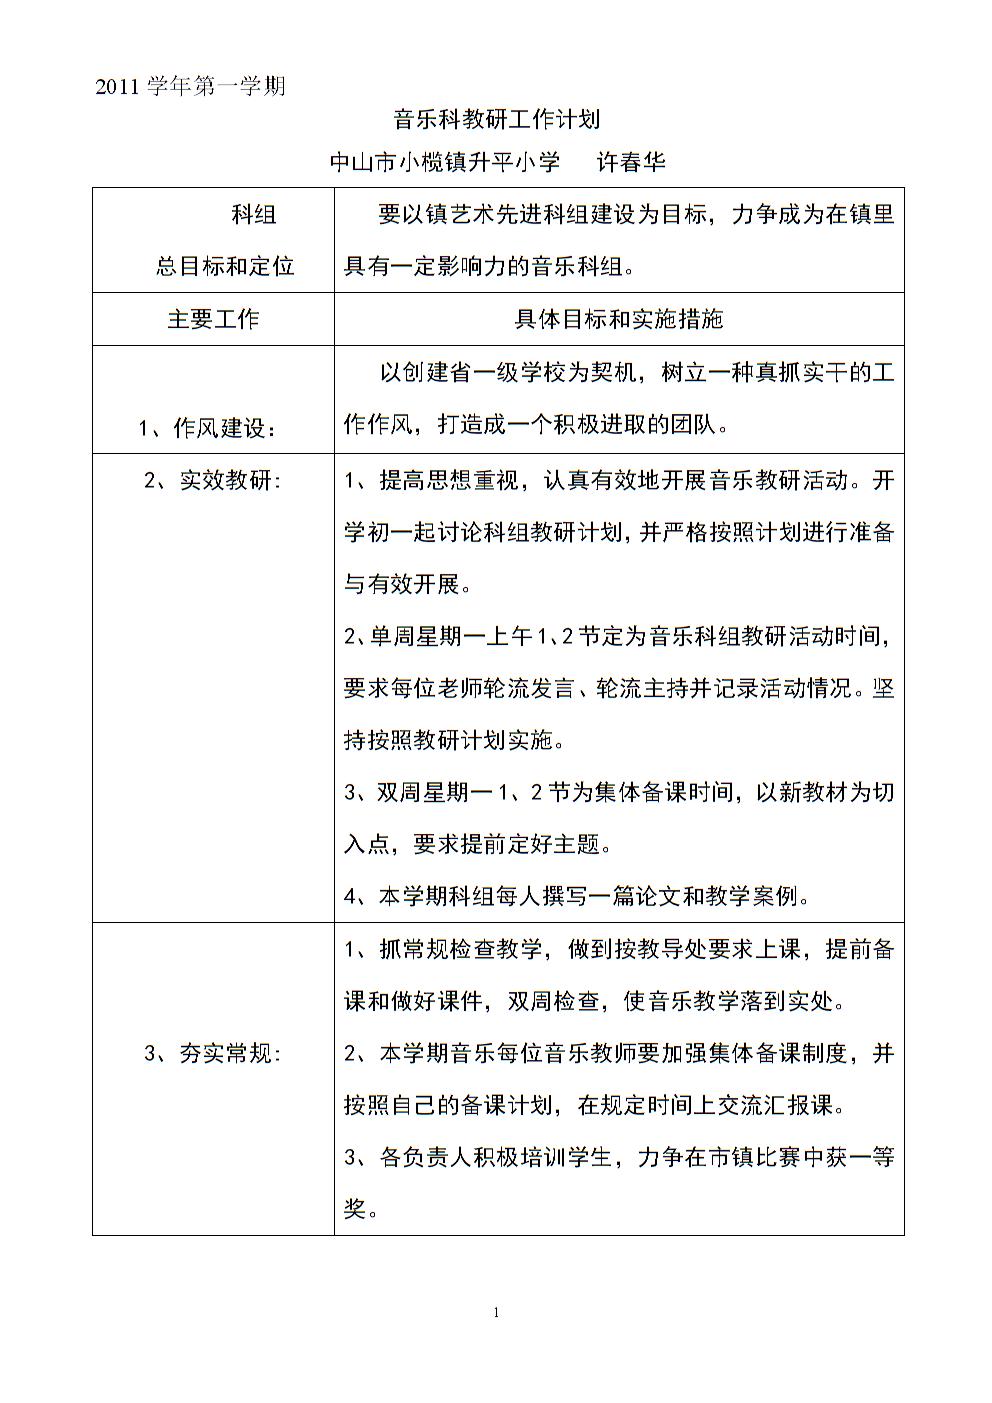 2011升平小学学科教研工作计划(小学科).doc号秦淮区摇音乐图片